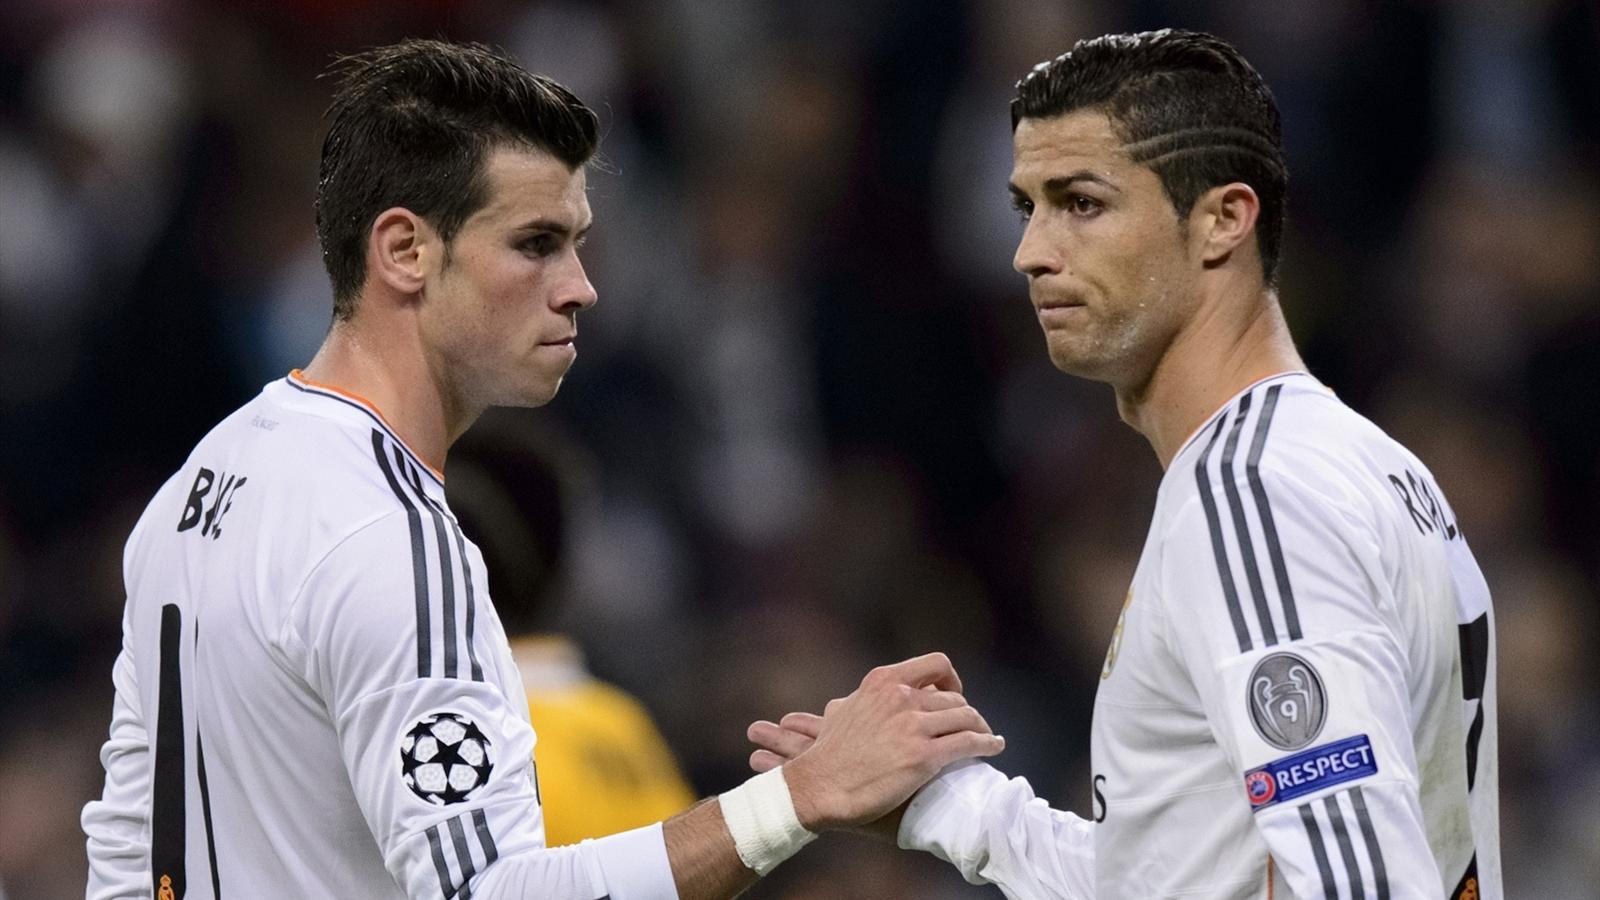 Supercopa España 2014 - Real Madrid vs Atlético - RTVE.es